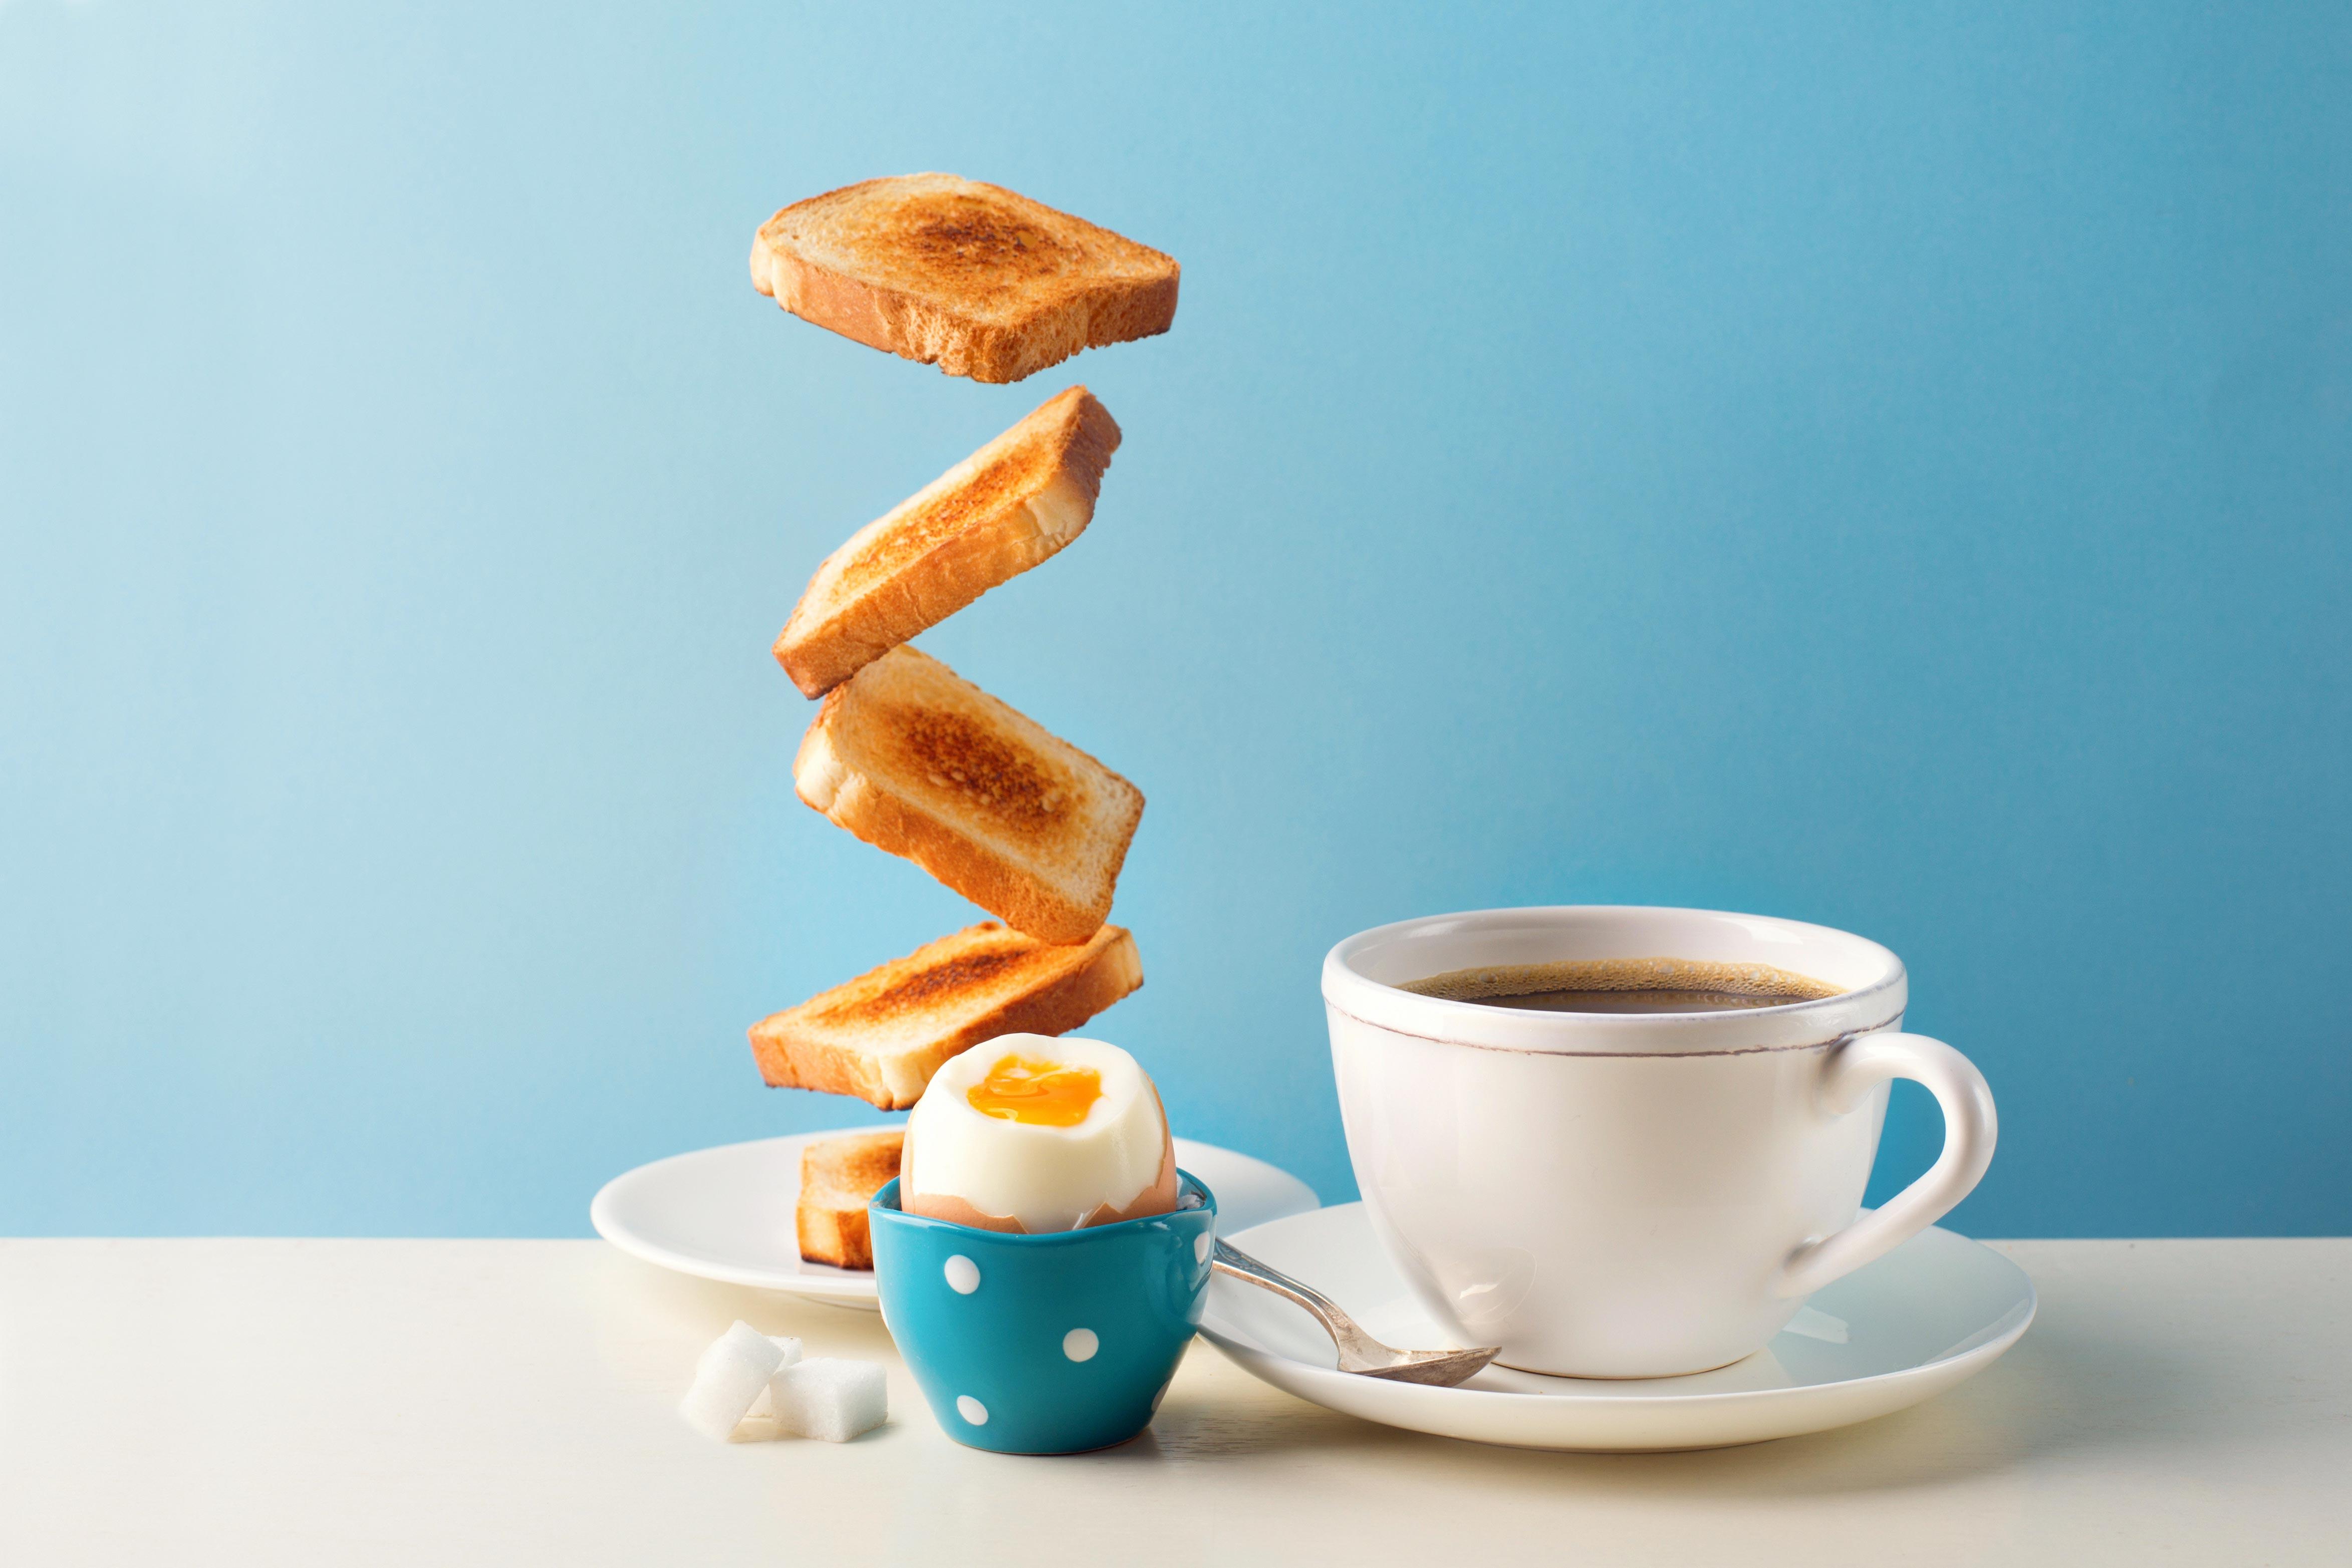 3+1 prăjitoare de pâine. Pentru un mare răsfăț la micul dejun.